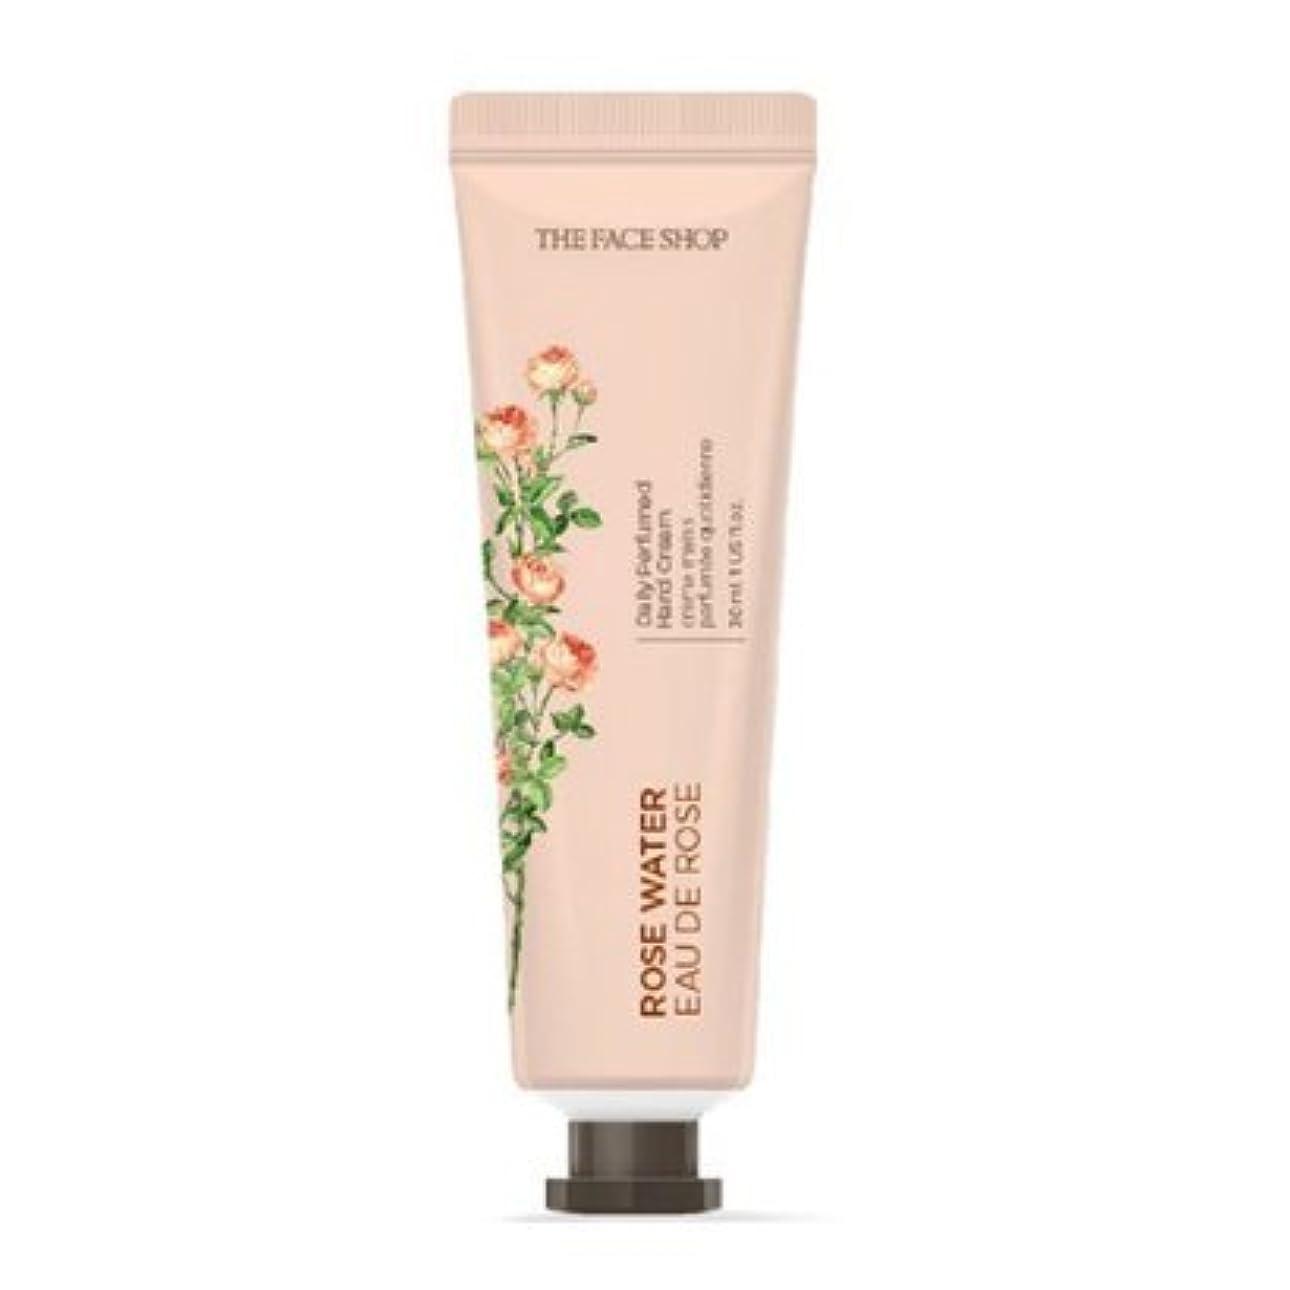 ハーフカニ許される[1+1] THE FACE SHOP Daily Perfume Hand Cream [01.Rose Water] ザフェイスショップ デイリーパフュームハンドクリーム [01.ローズウォーター] [new] [並行輸入品]